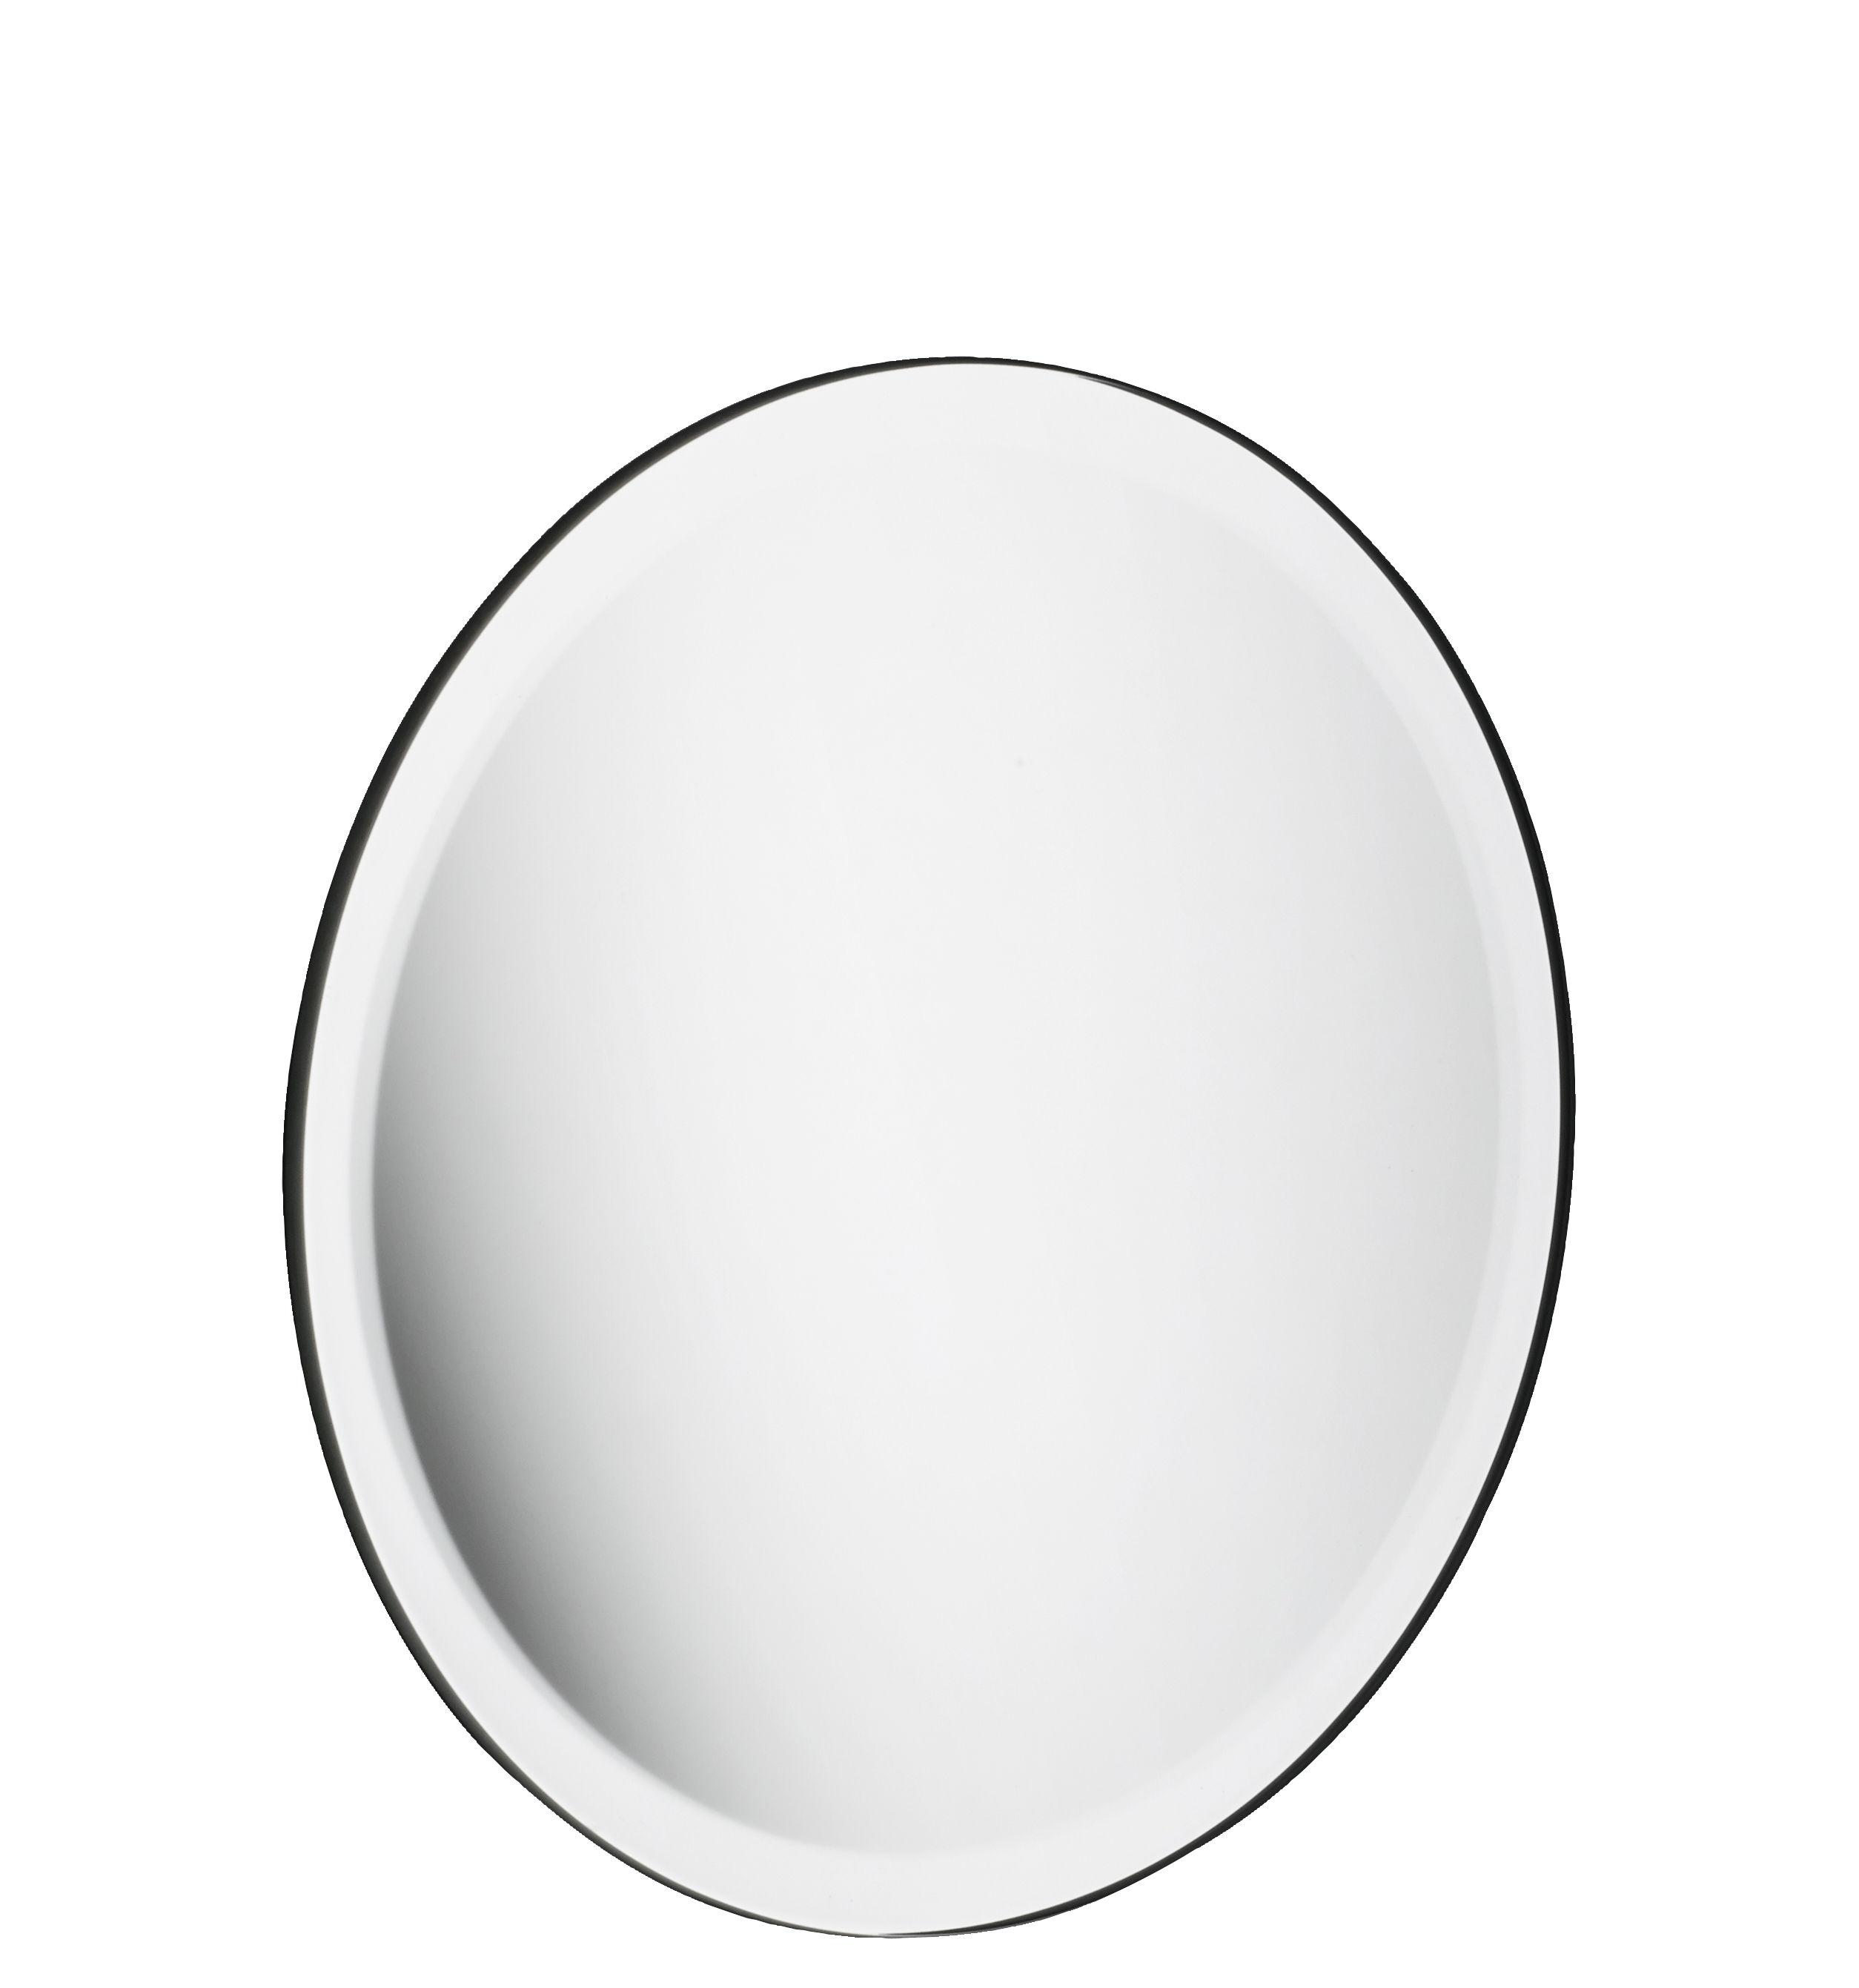 Interni - Contenitori e Cesti - Specchio Small / Ø 18.5 cm - Per pannello Pinorama - Hay - Specchio - Vetro